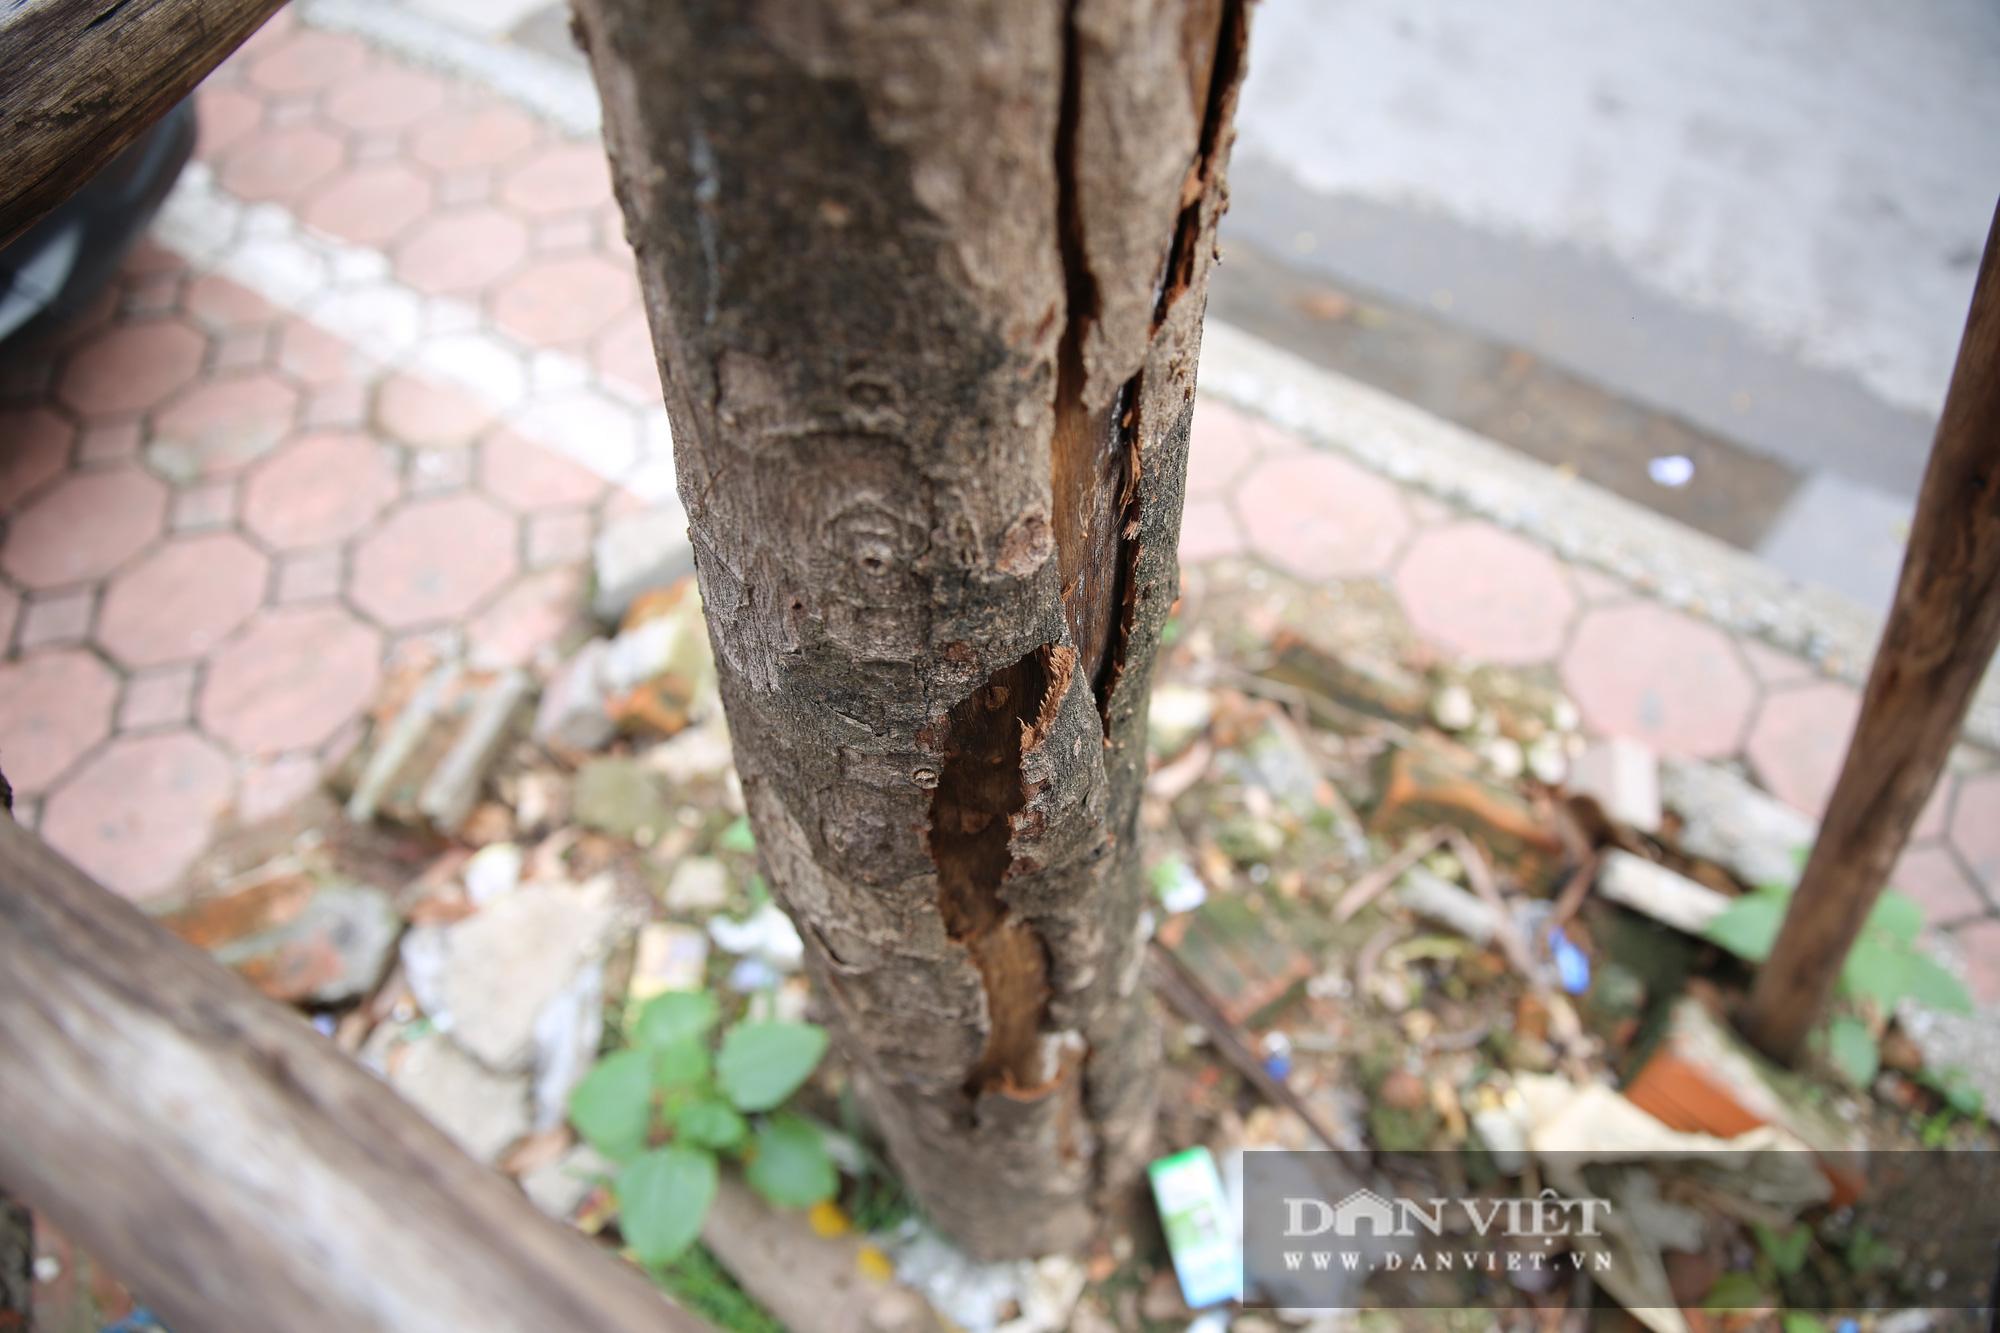 Hà Nội: Nhiều cây xanh trồng mới có dấu hiệu chết khô  - Ảnh 12.